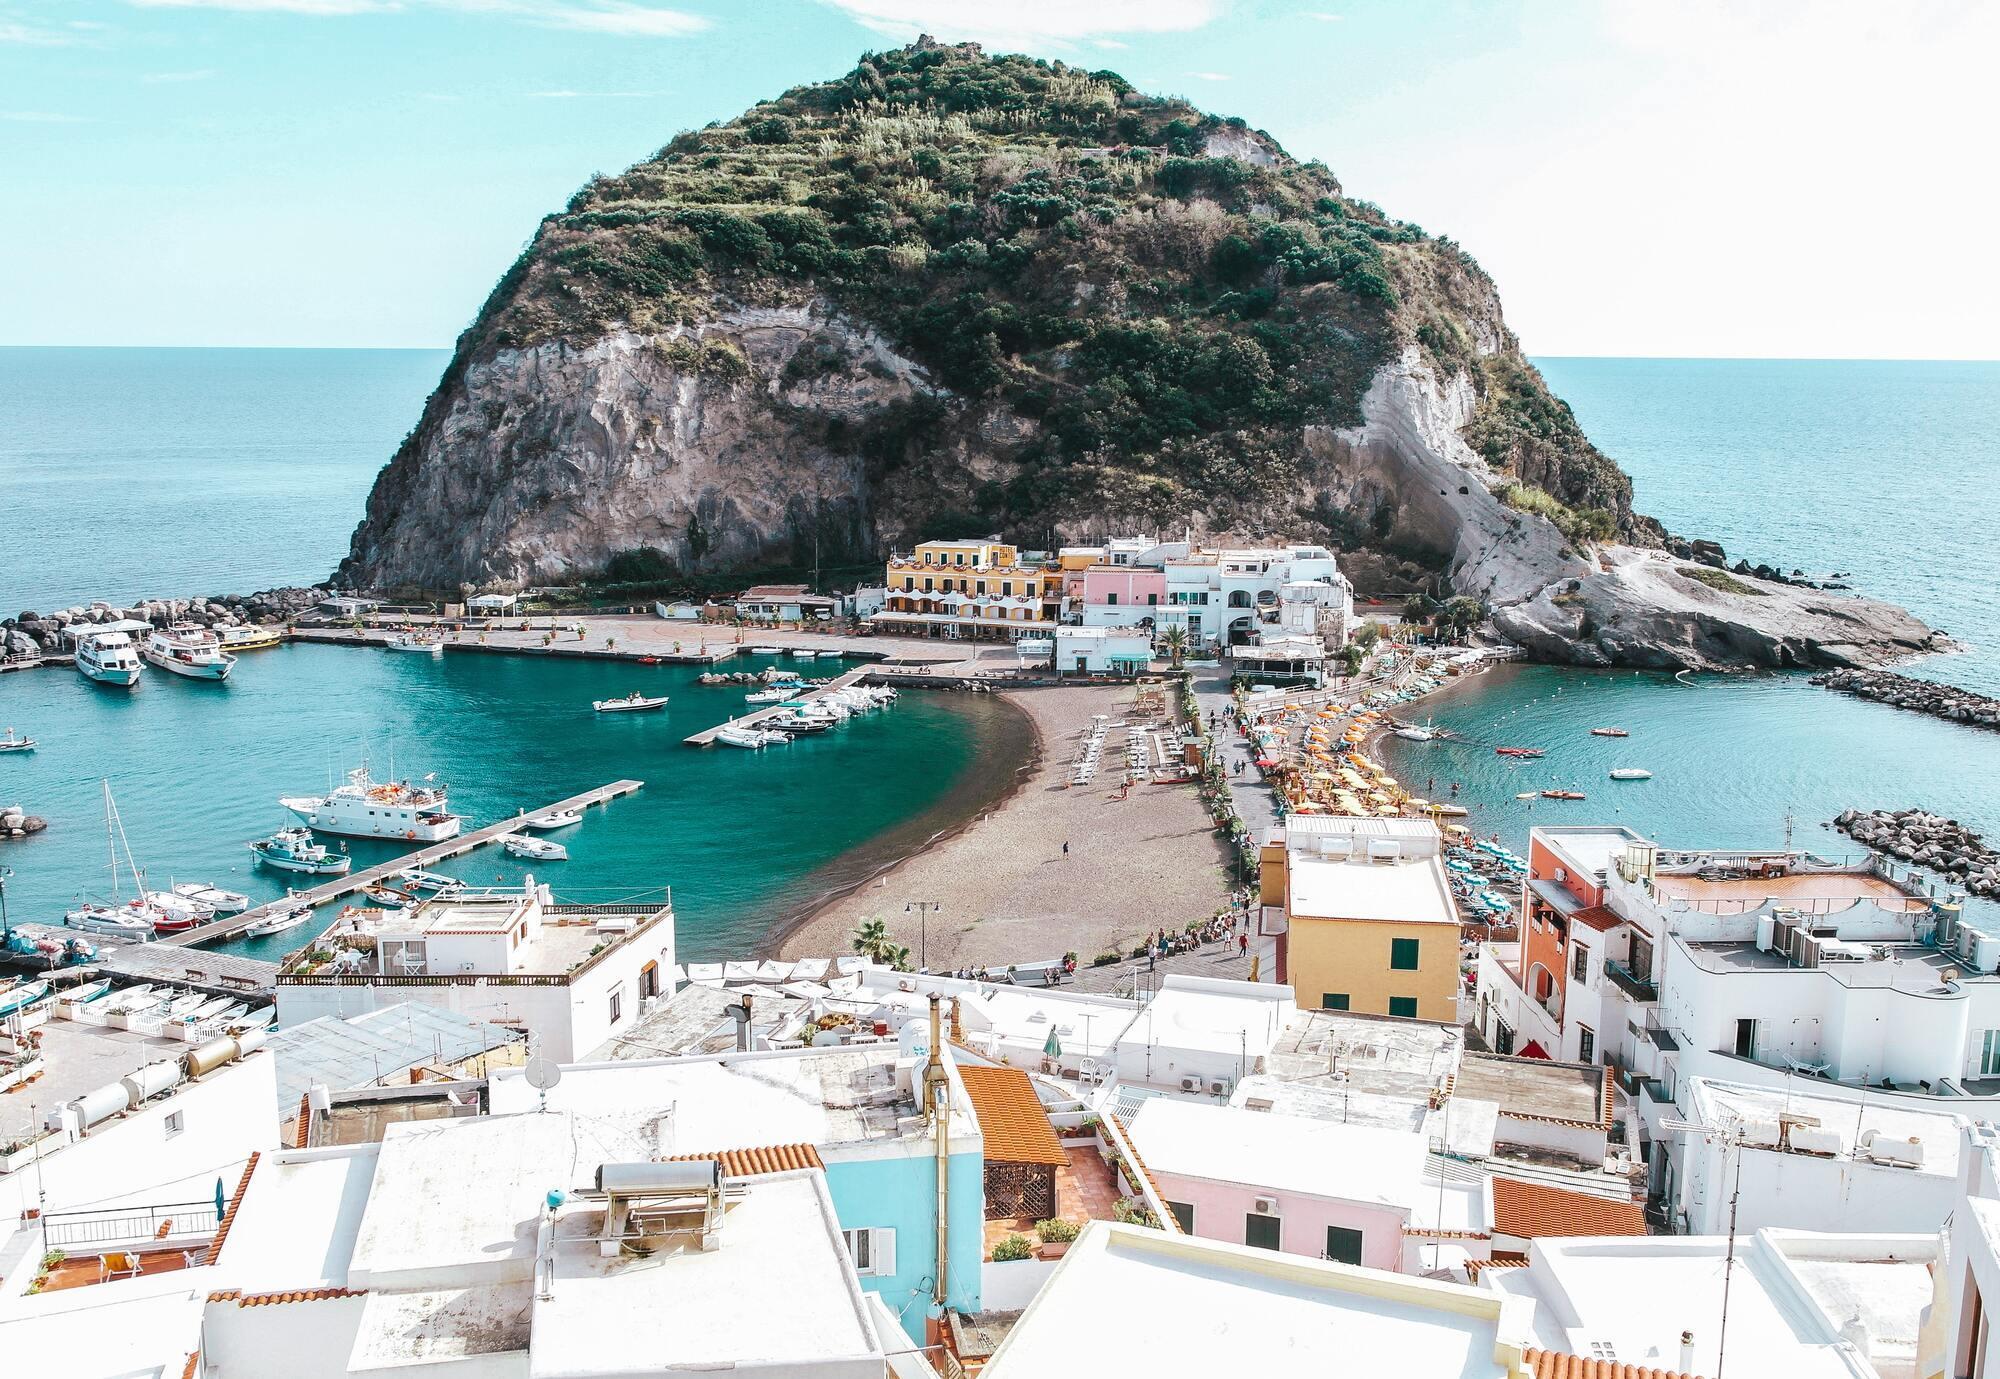 """Поєднання Італія відпочинок і """"все включено"""" – явище нечасте. Зазвичай літні тури в Італію включають переліт, трансфер, проживання в готелі та сніданок."""